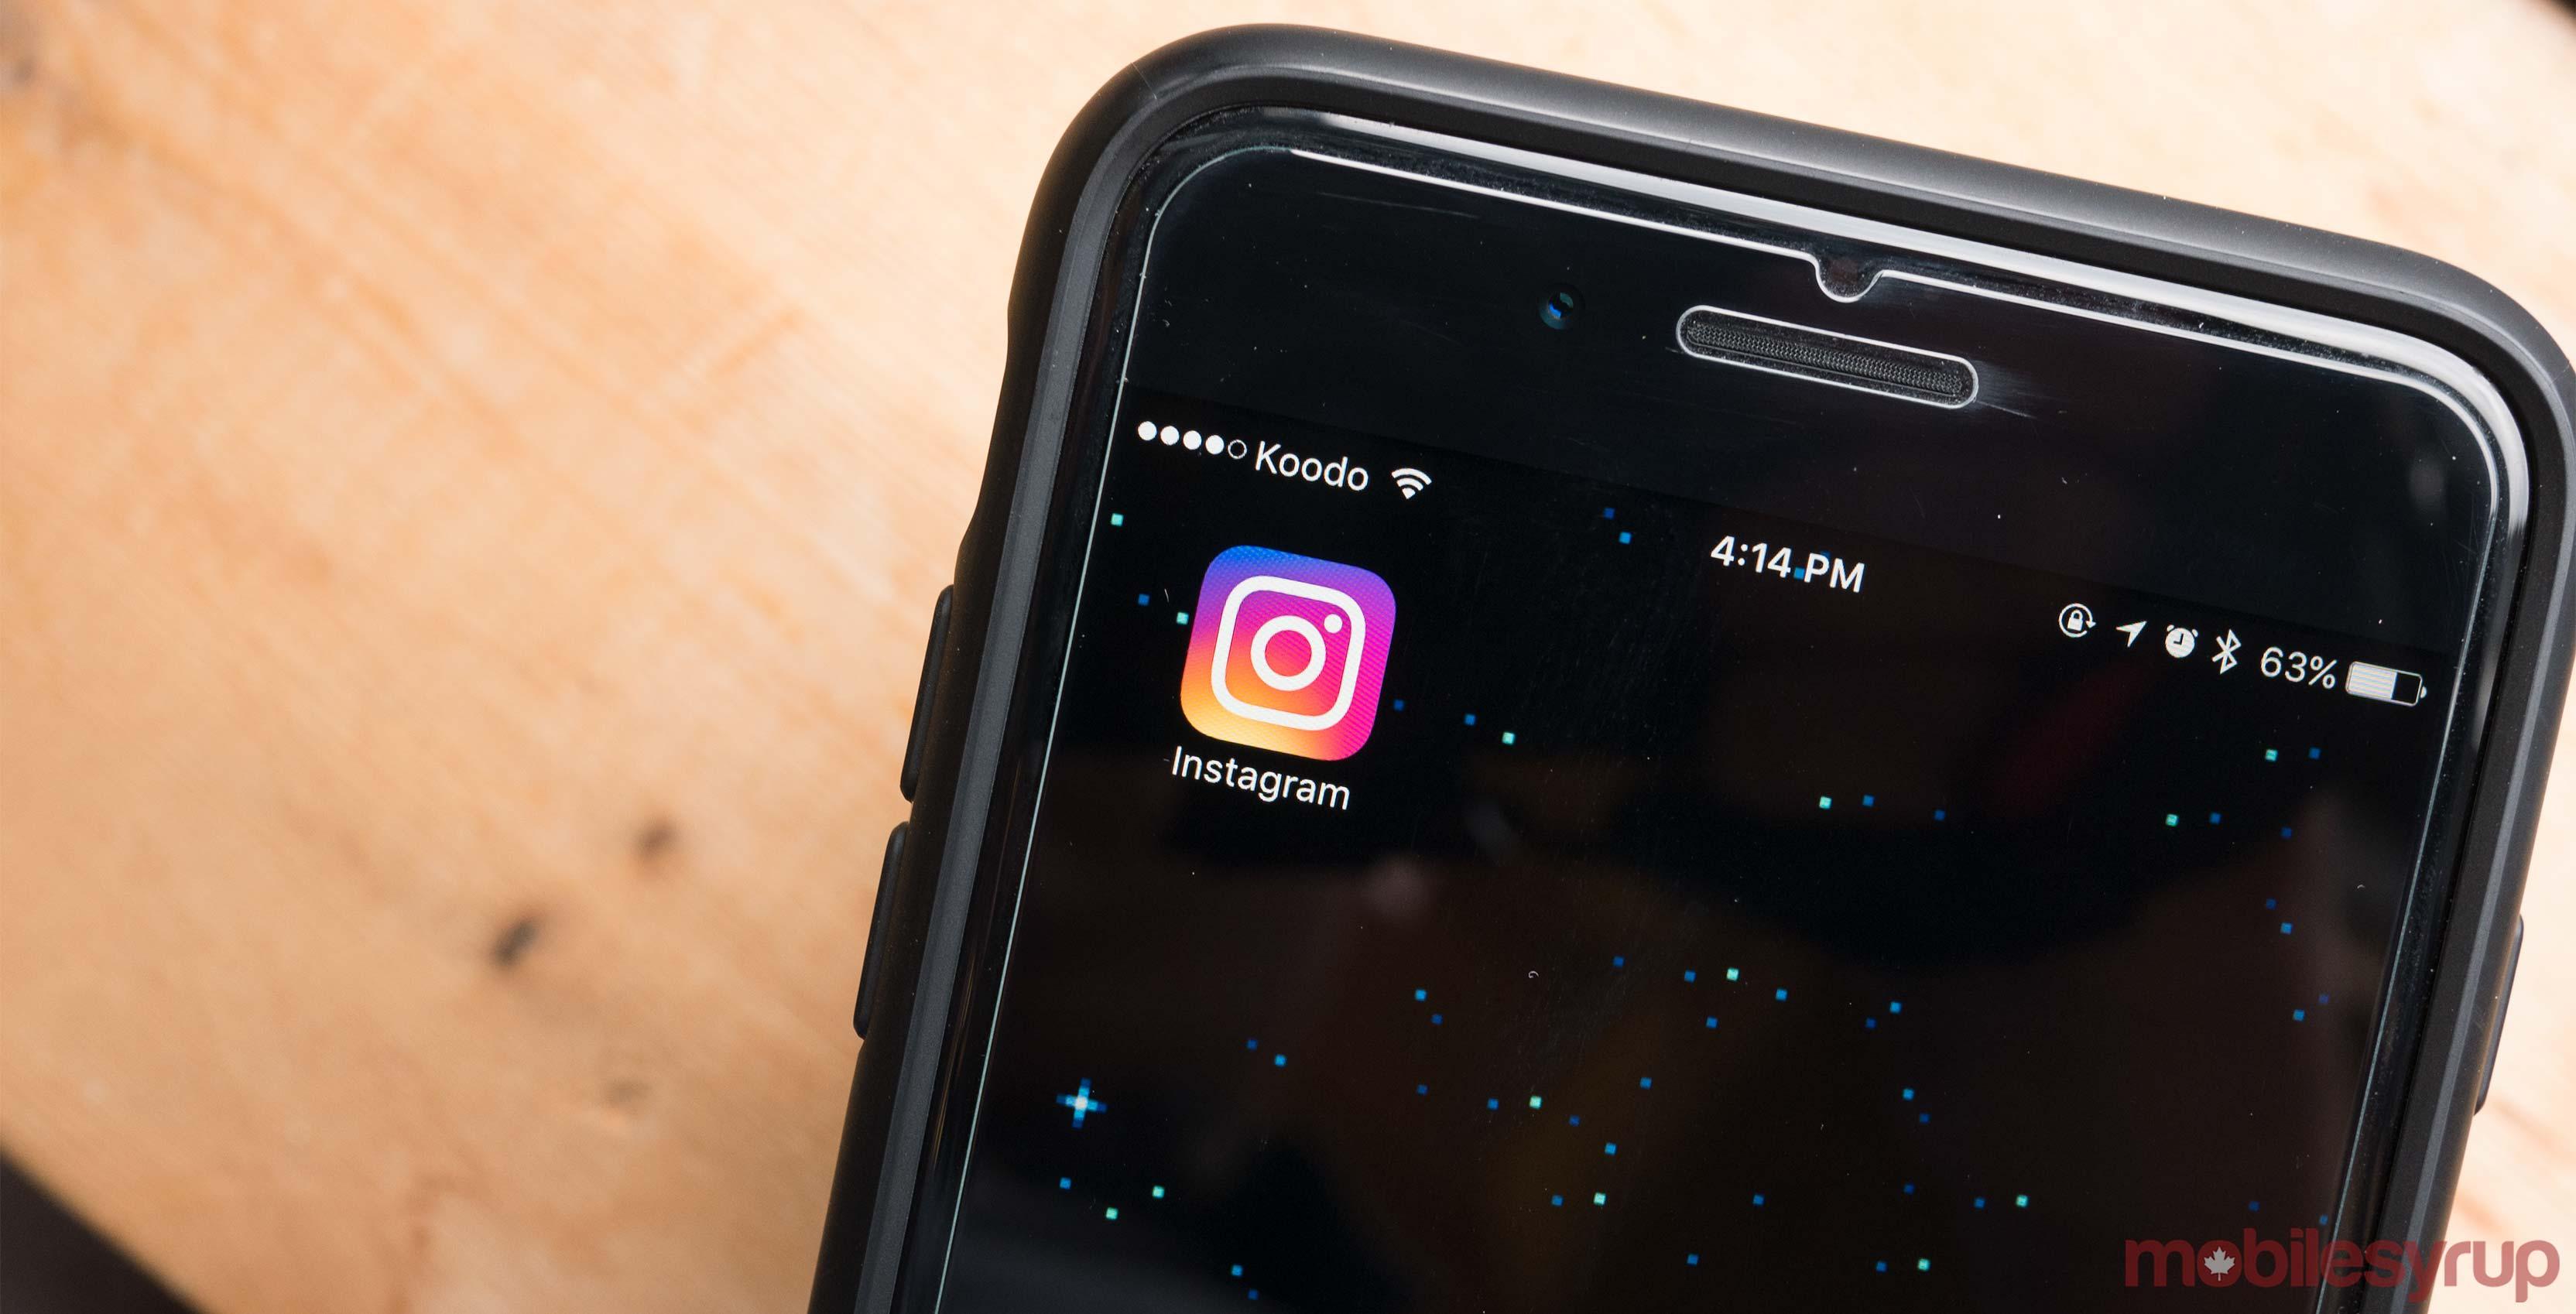 Instagram iOS app